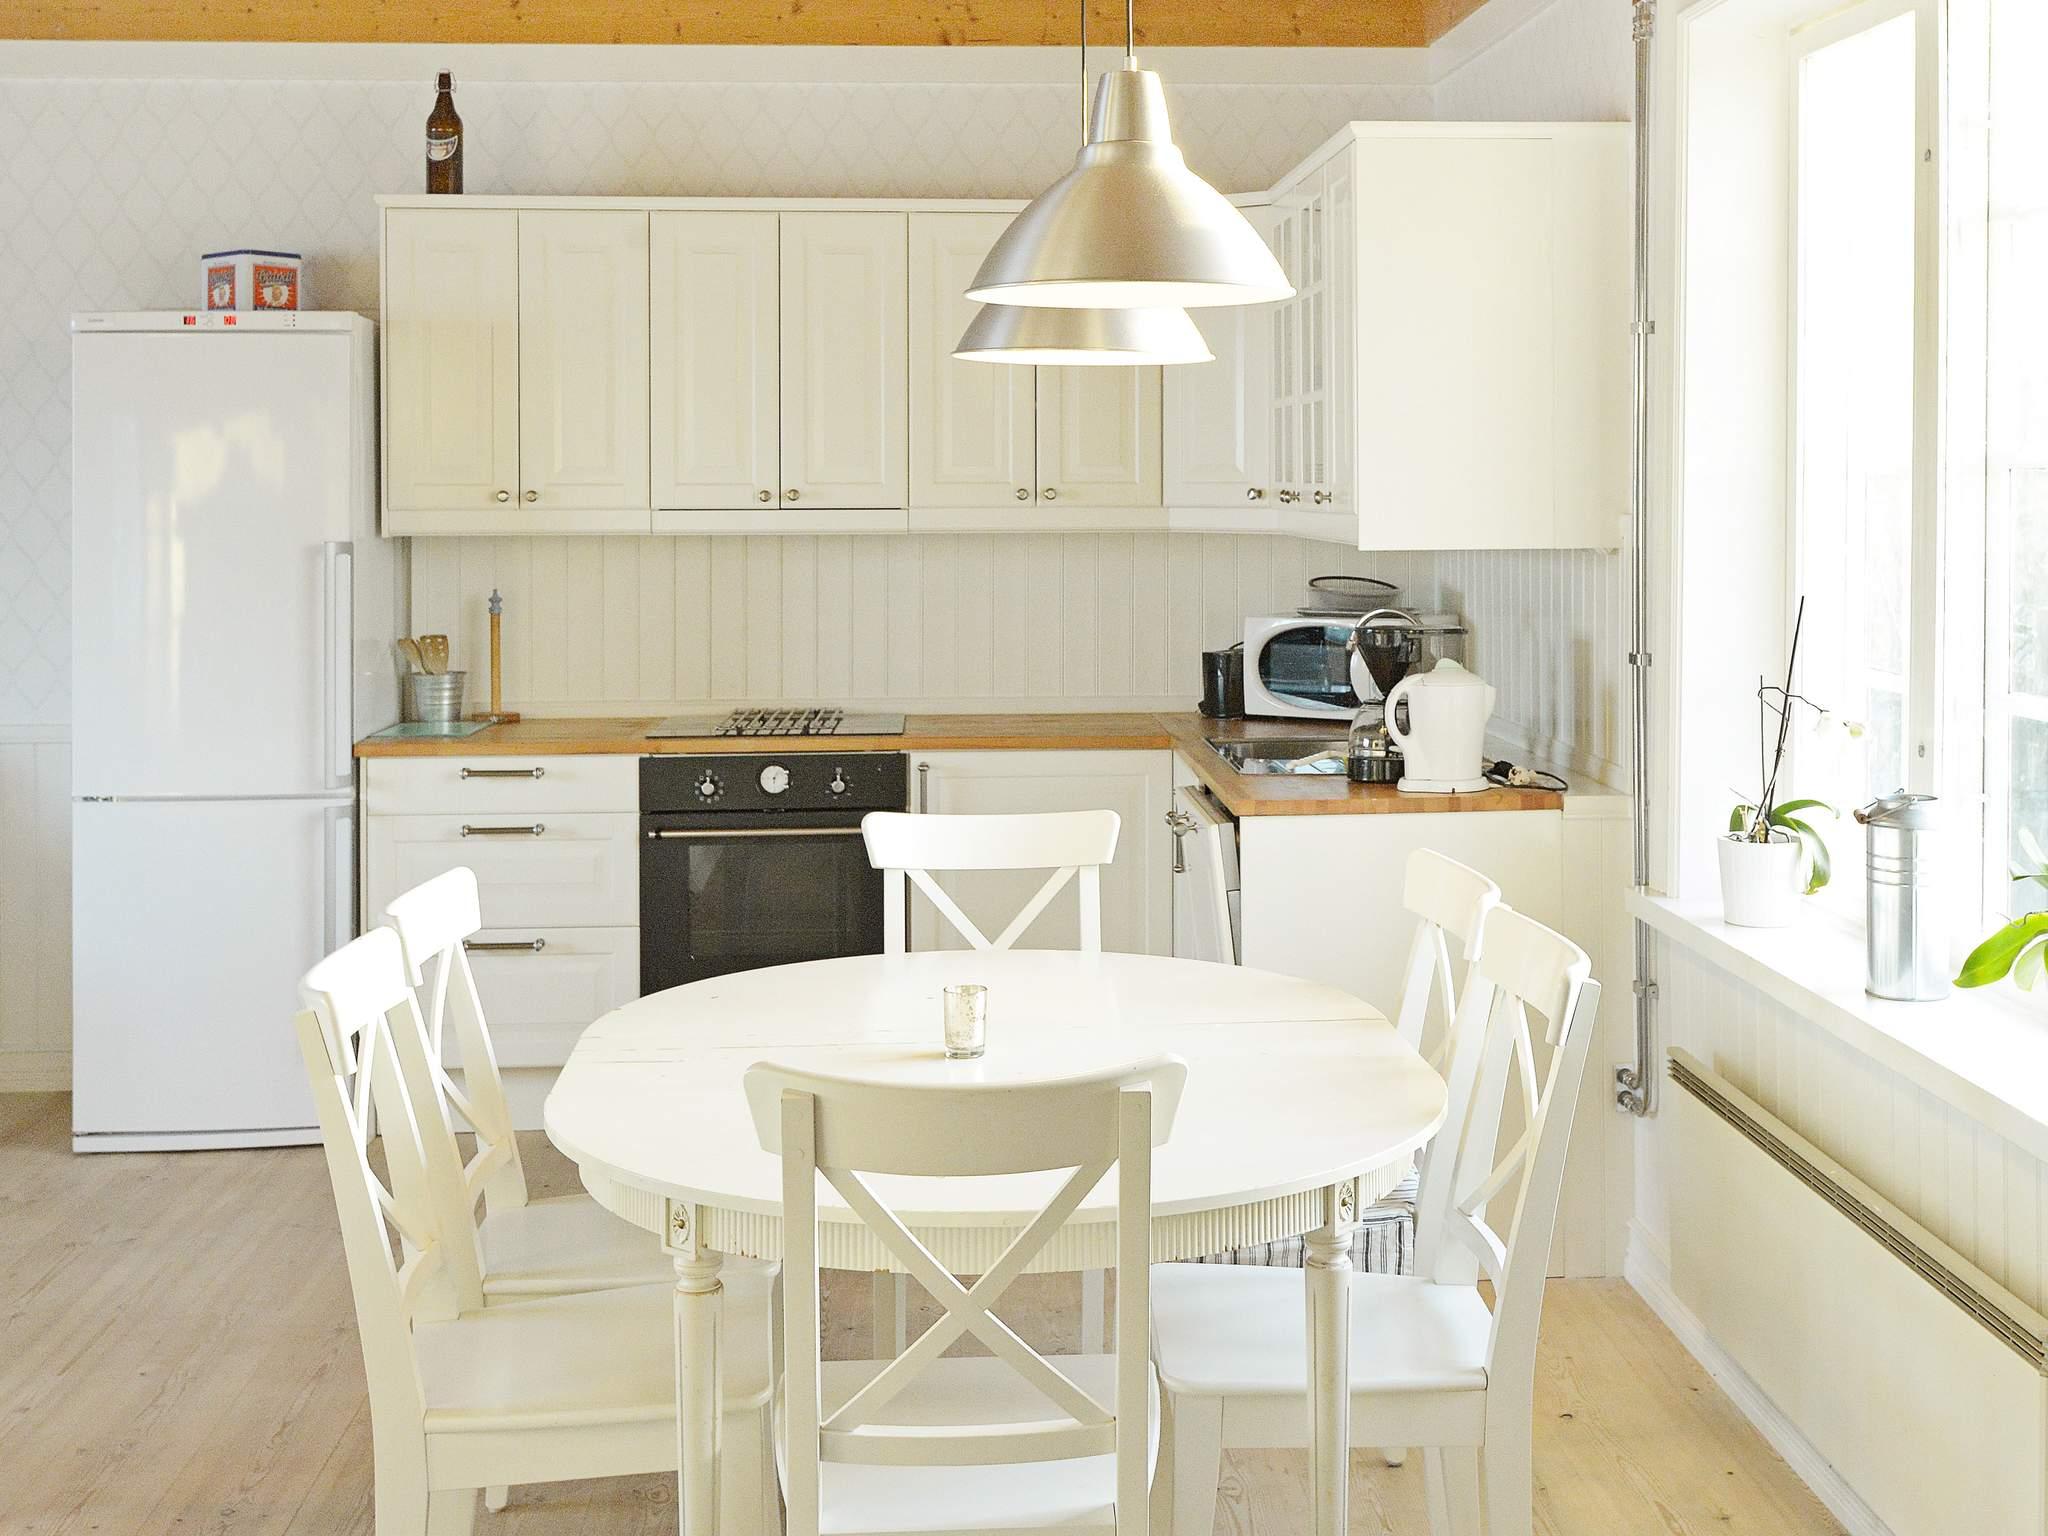 Ferienhaus Hova (432883), Hova, Västra Götaland län, Westschweden, Schweden, Bild 24